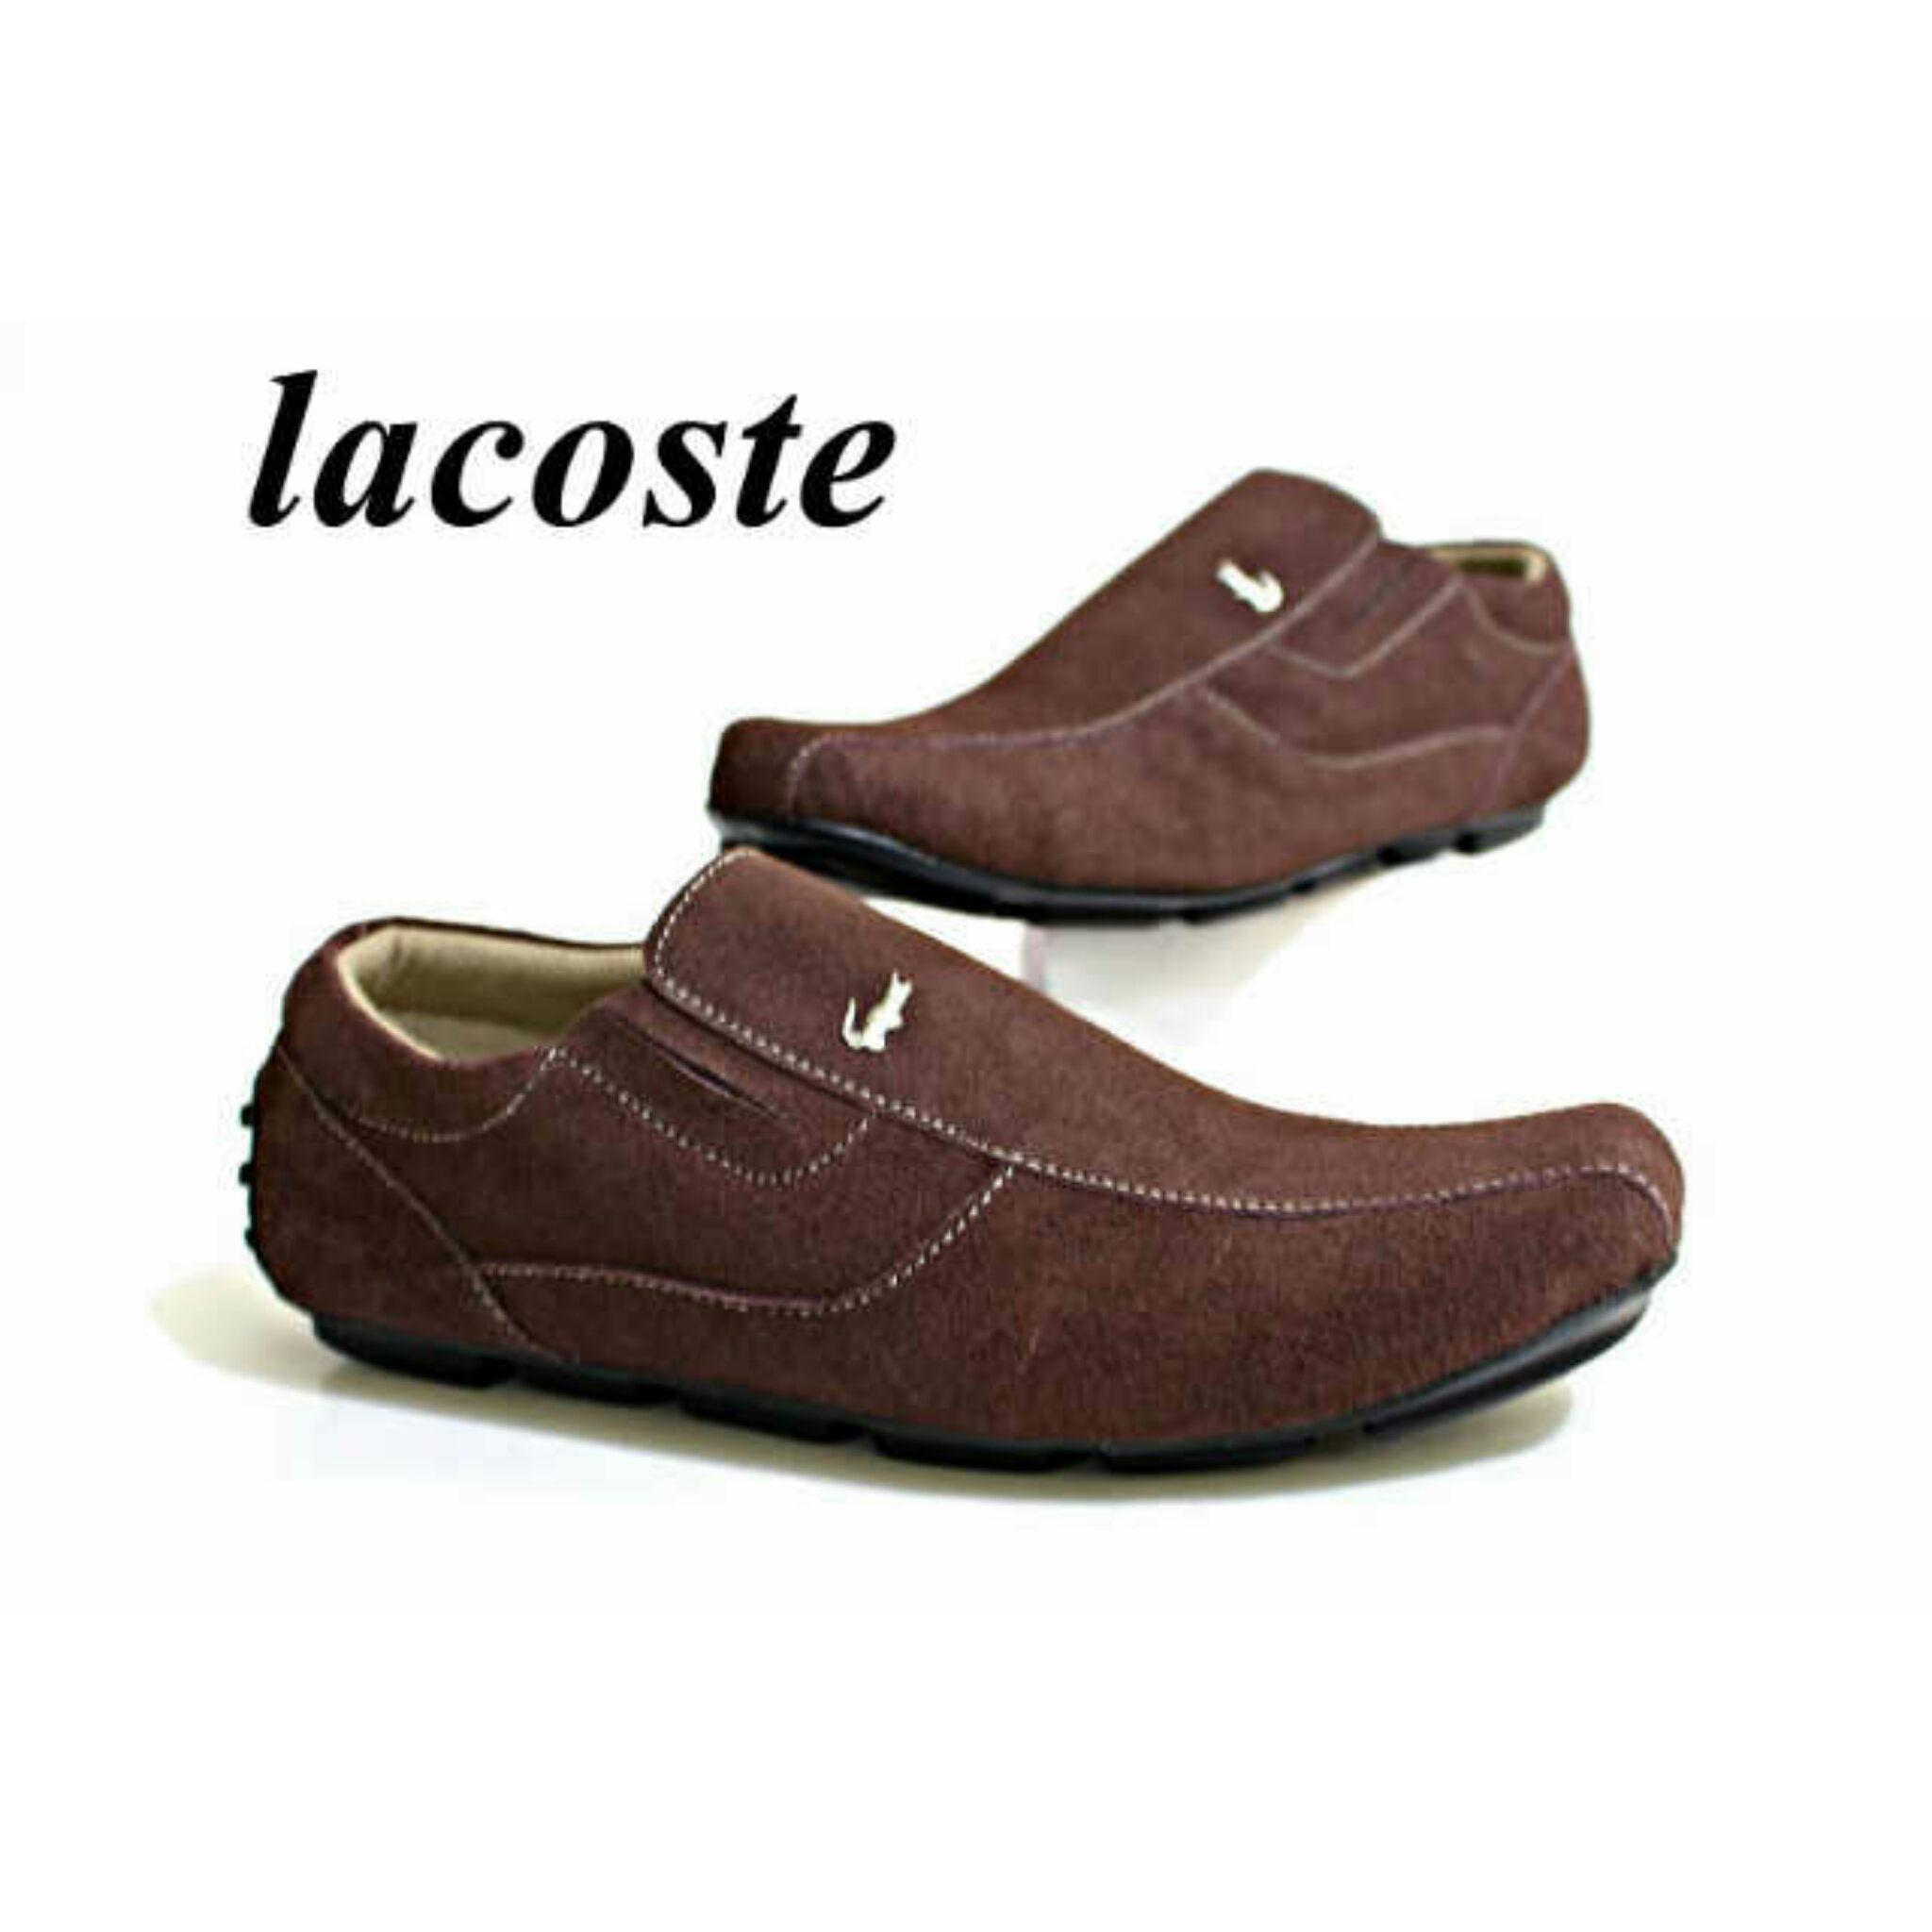 Jual Sepatu Pria Lacoste Terbaru Kulit Asli Sepatu Pria e70b6144f8